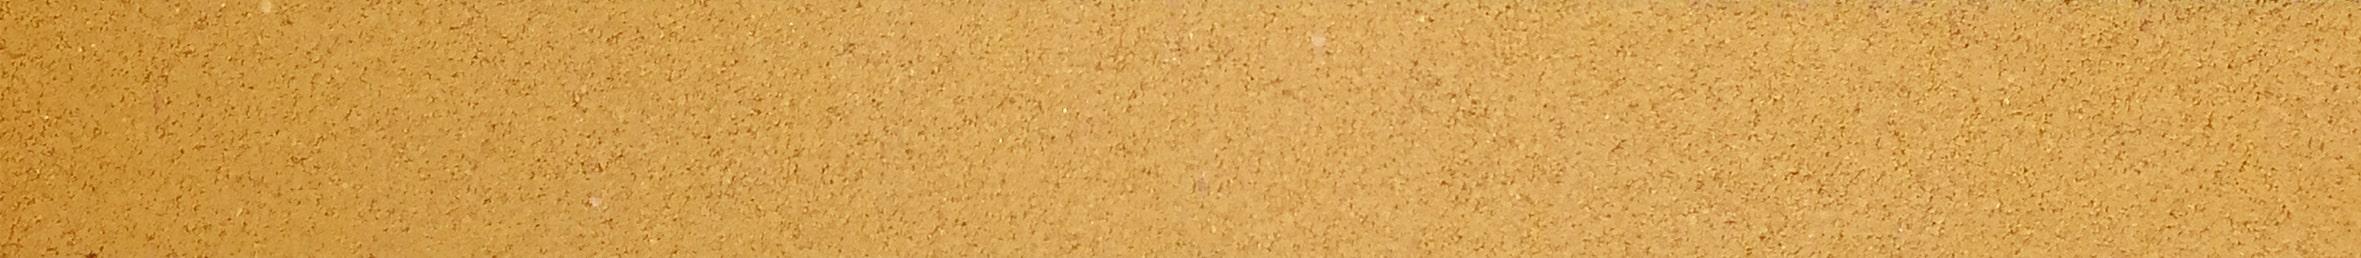 Fugenmörtel - Fugenfarbe 1024